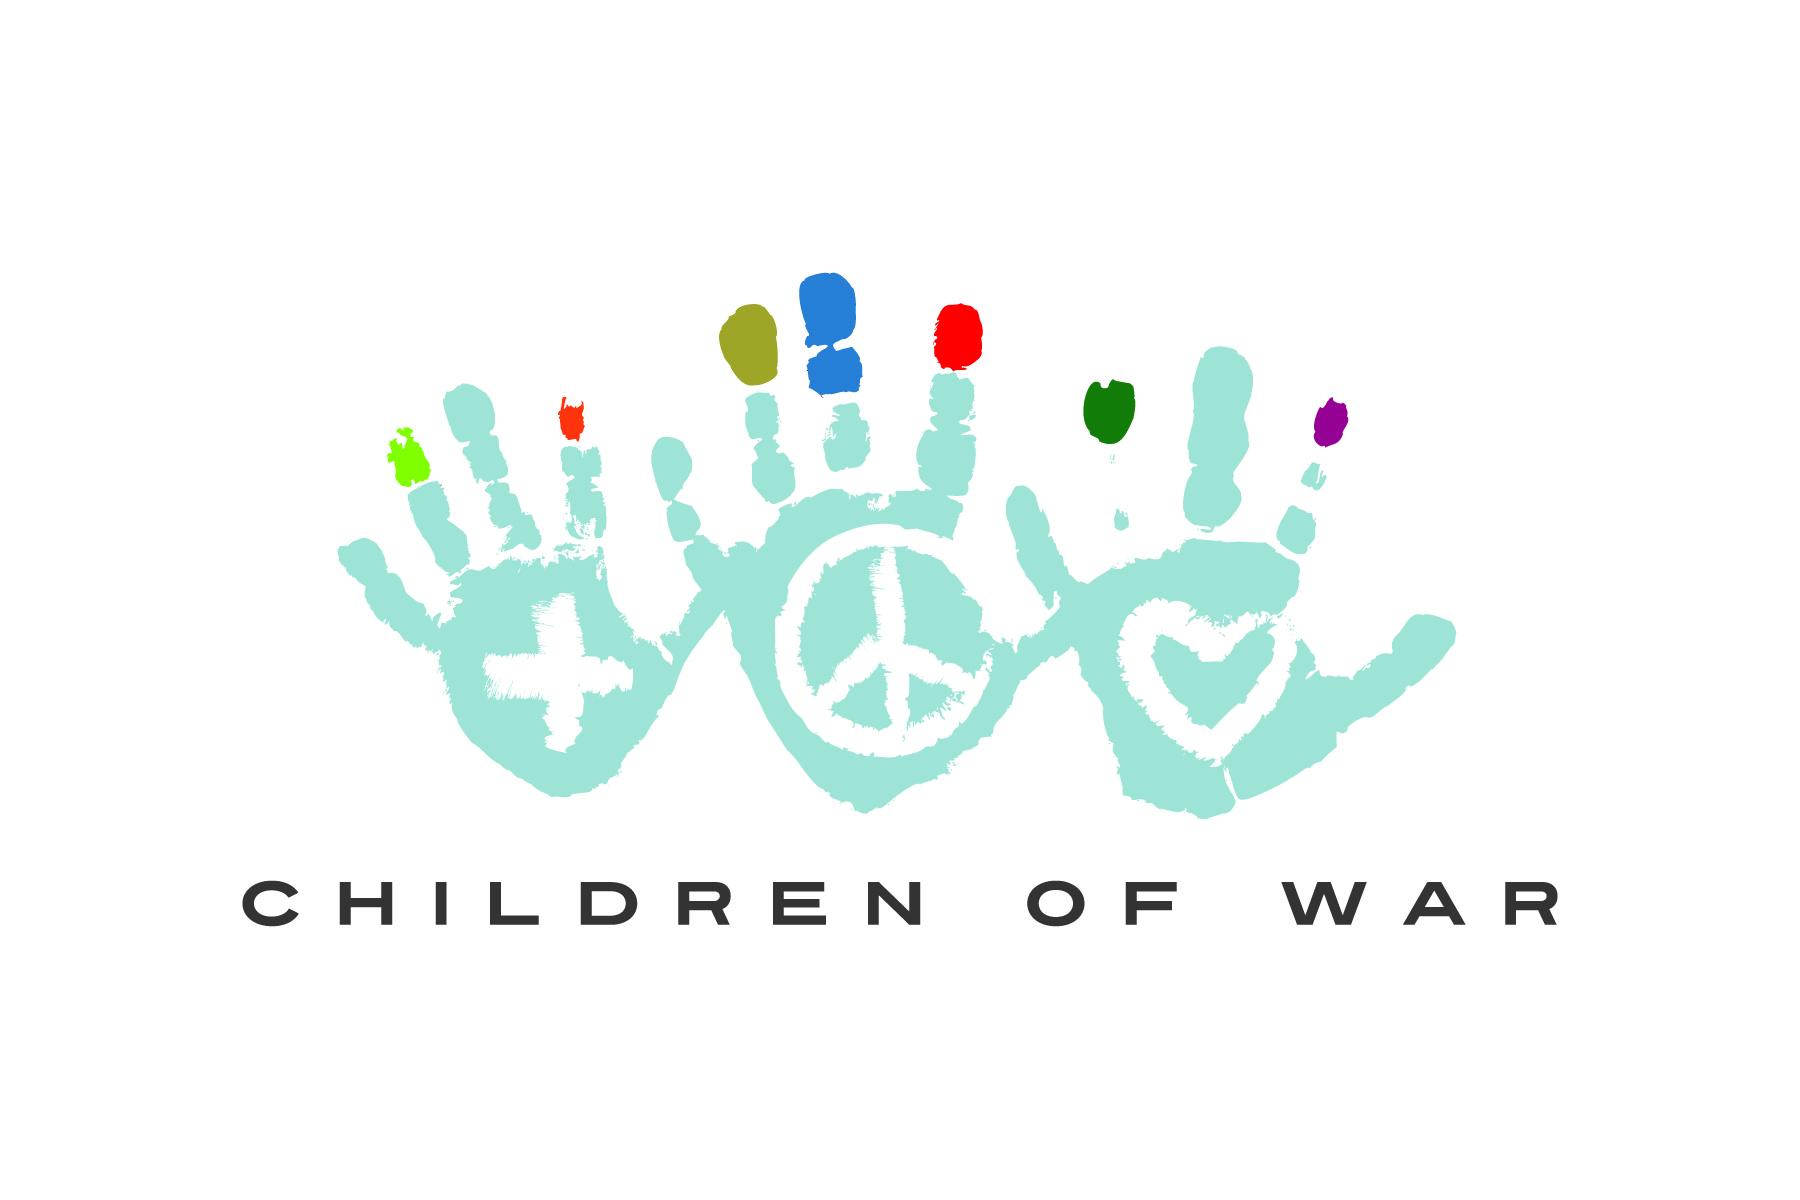 Children of War Foundation logo